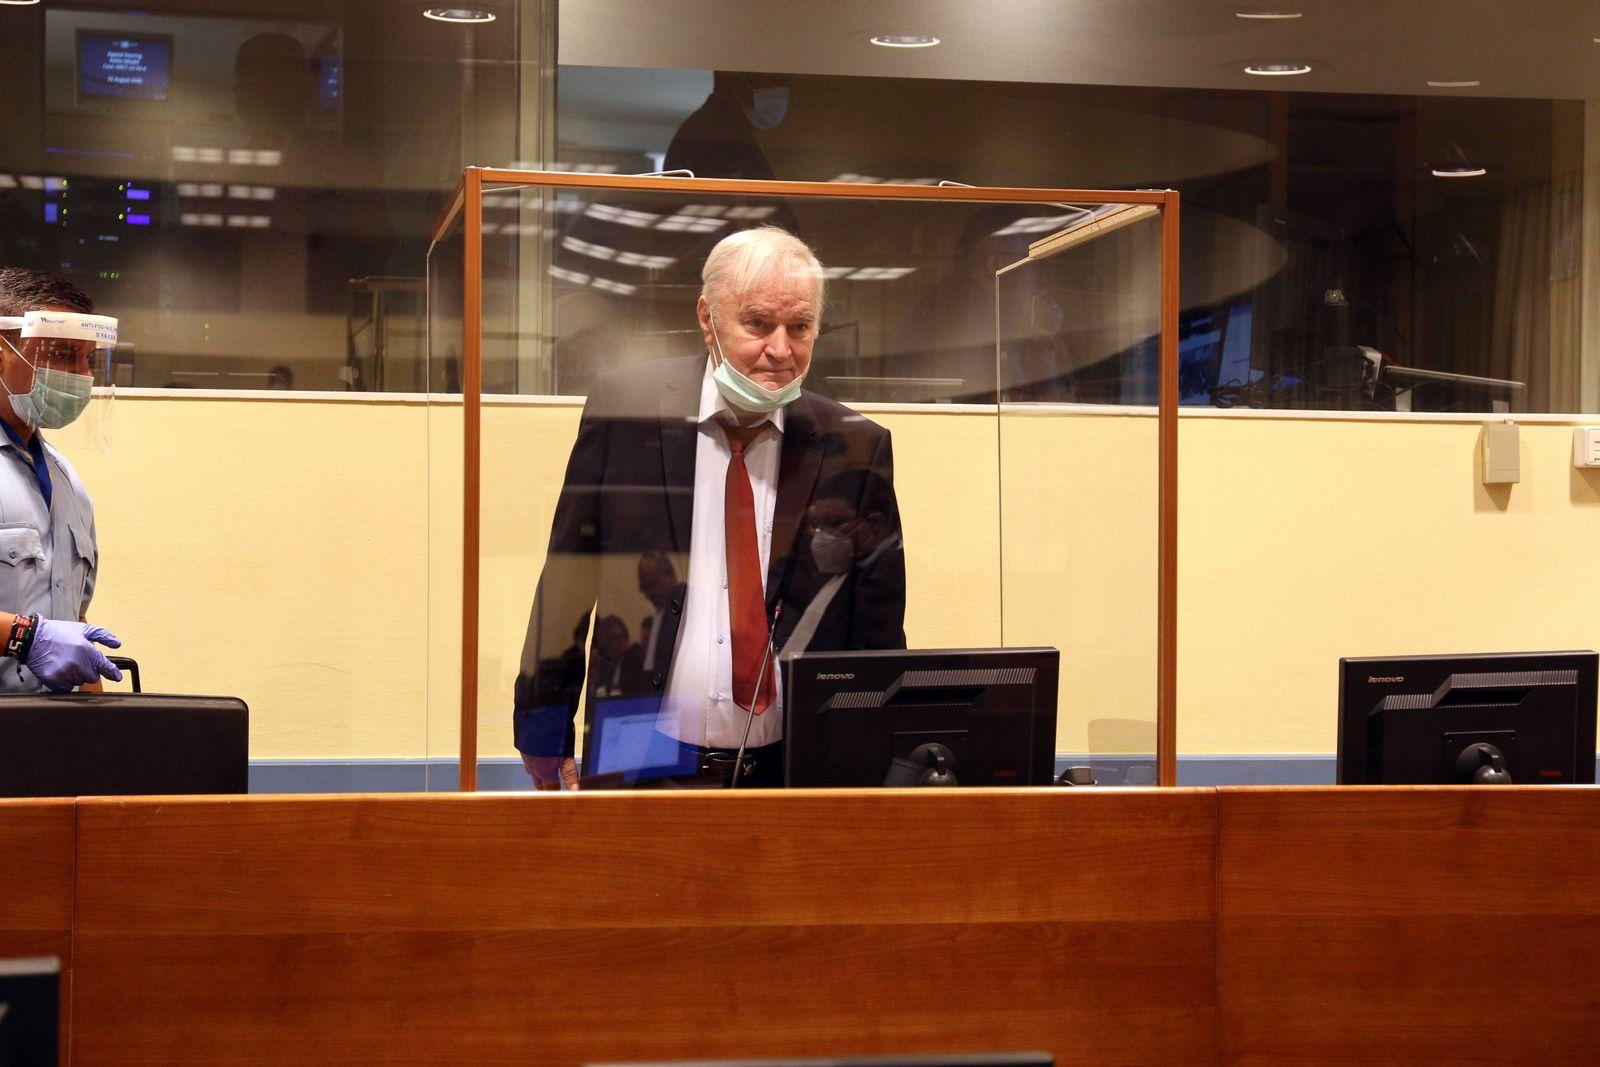 Ratko Mladic appeals before UN tribunal, Den Haag, Netherlands - 25 Aug 2020